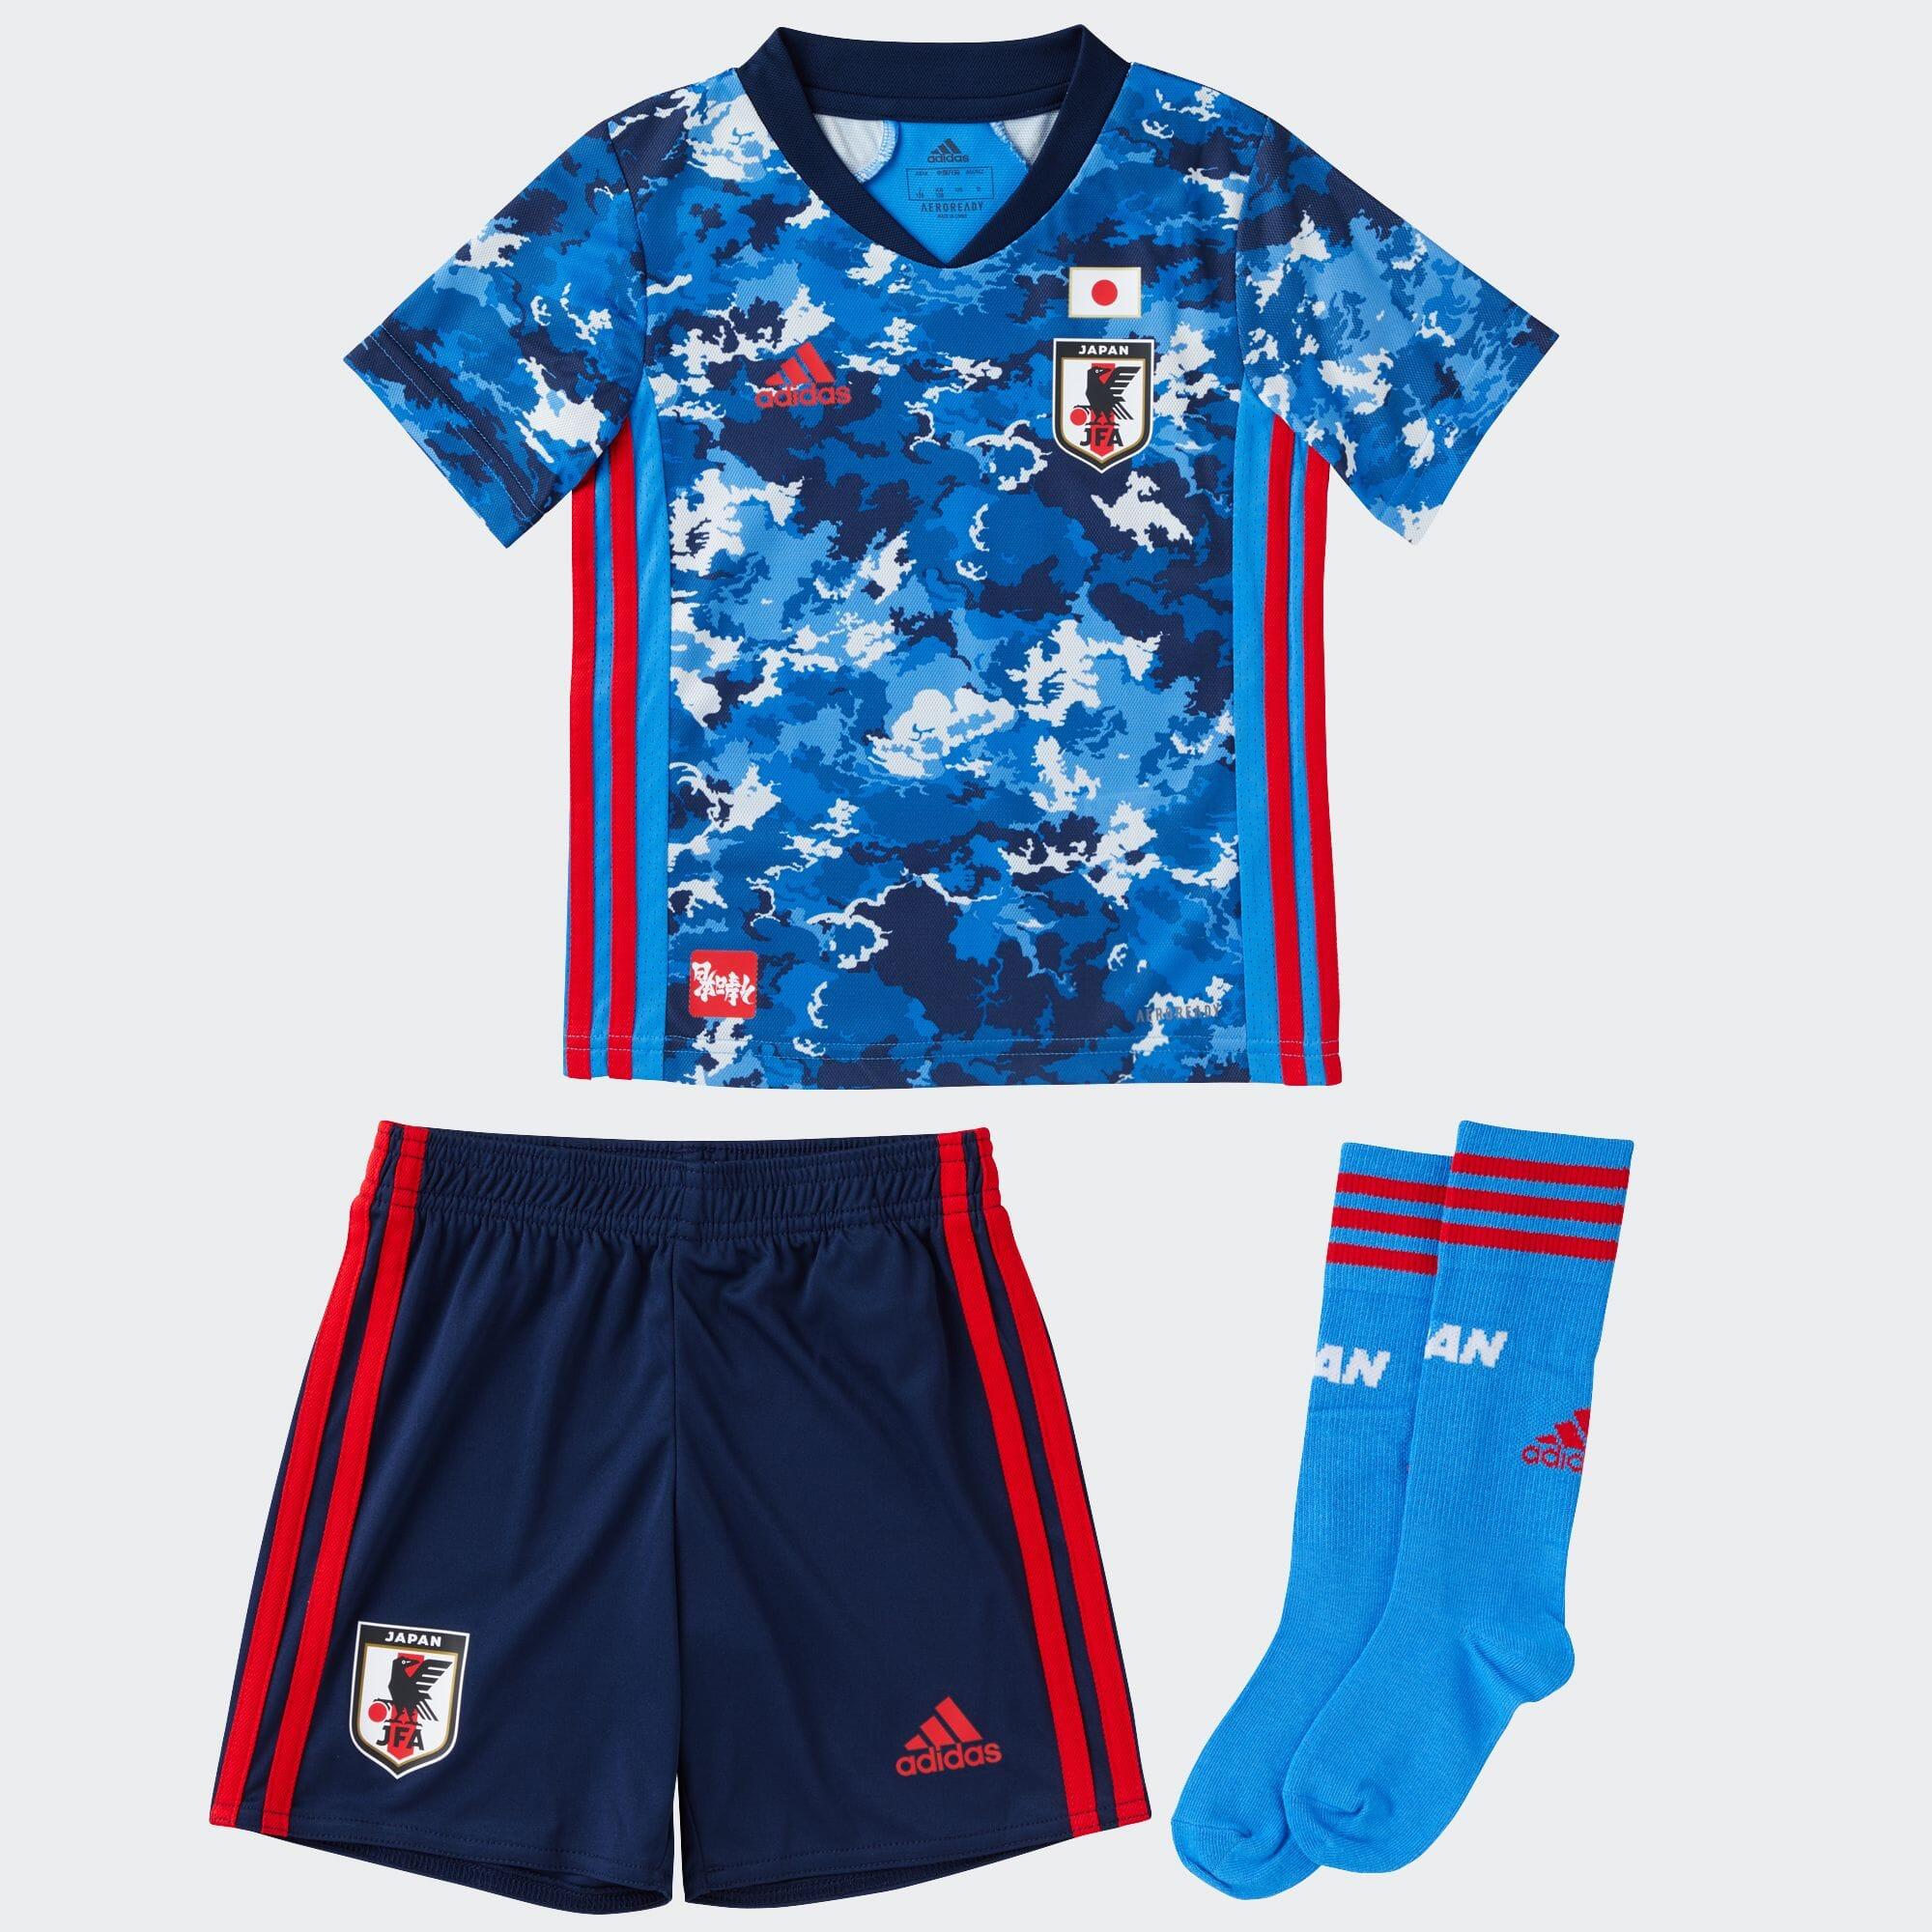 サッカー日本代表 2020 ホーム ユニフォーム ミニキット / Japan Home Mini Kit